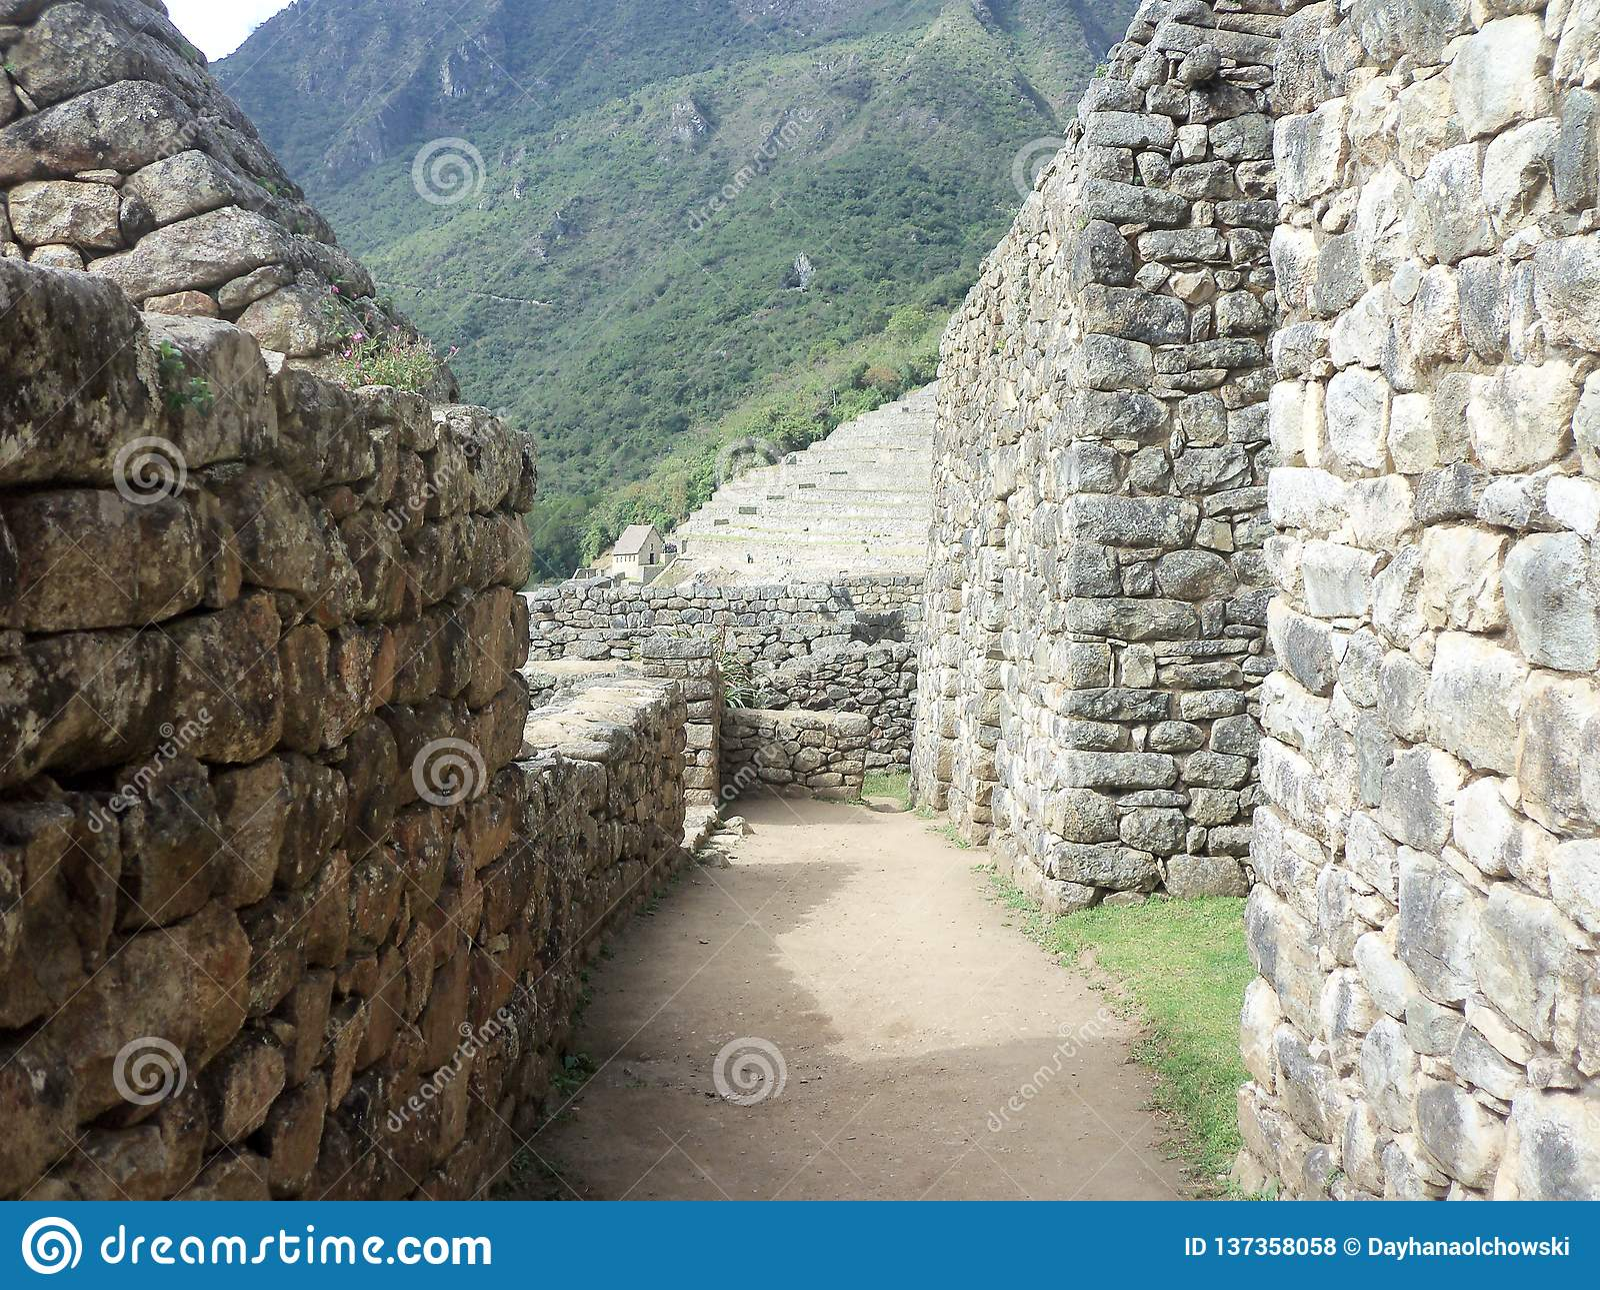 Durch die Korridore von Machu Picchu In der großen Inkazitadelle gelegen, Cusco